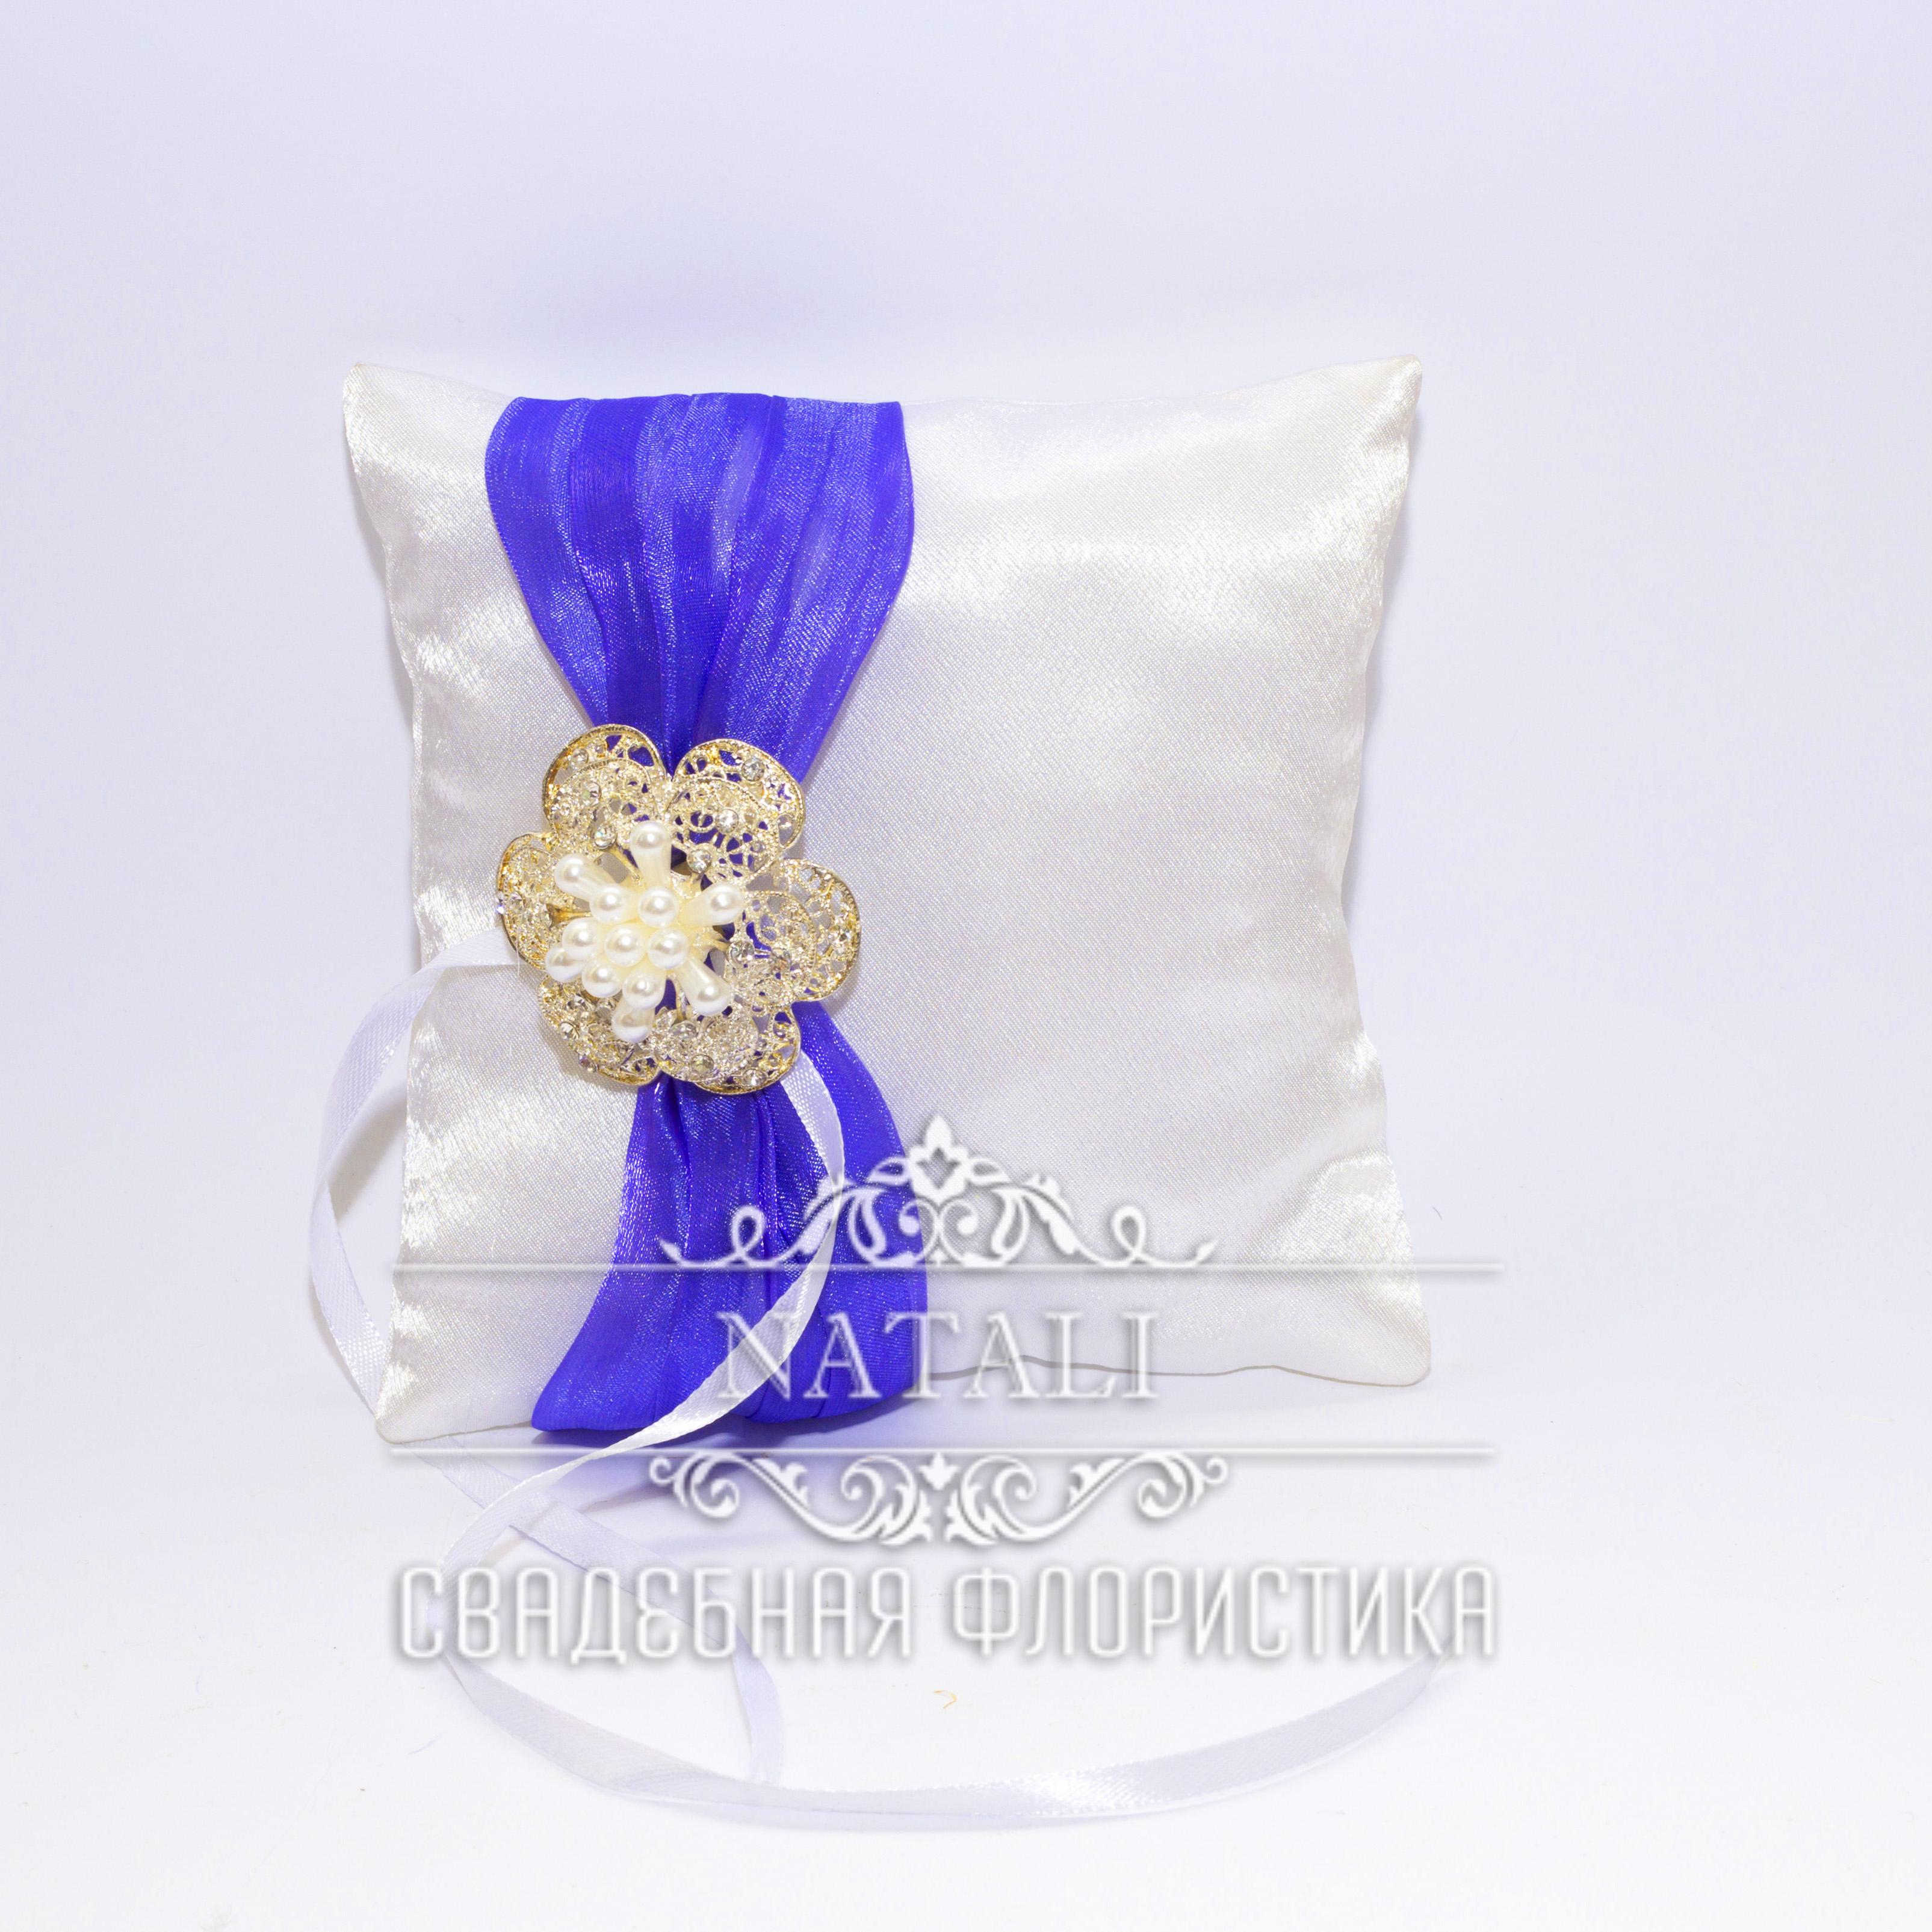 Белая подушка для колец с фиолетовой лентой и брошкой